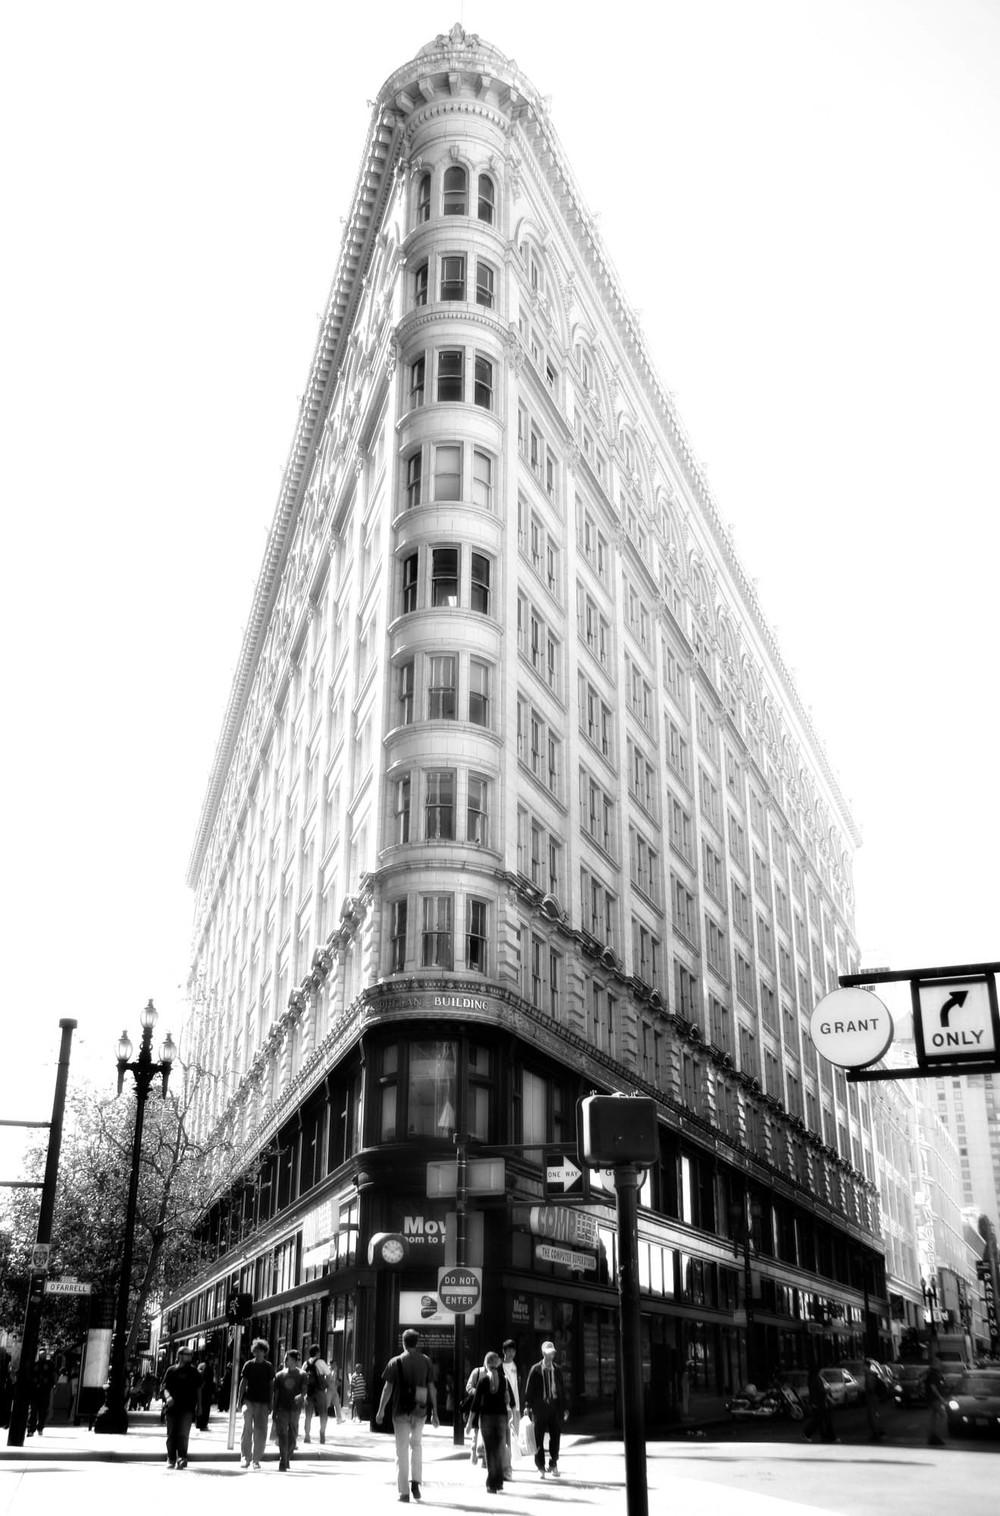 grant st. building.jpg